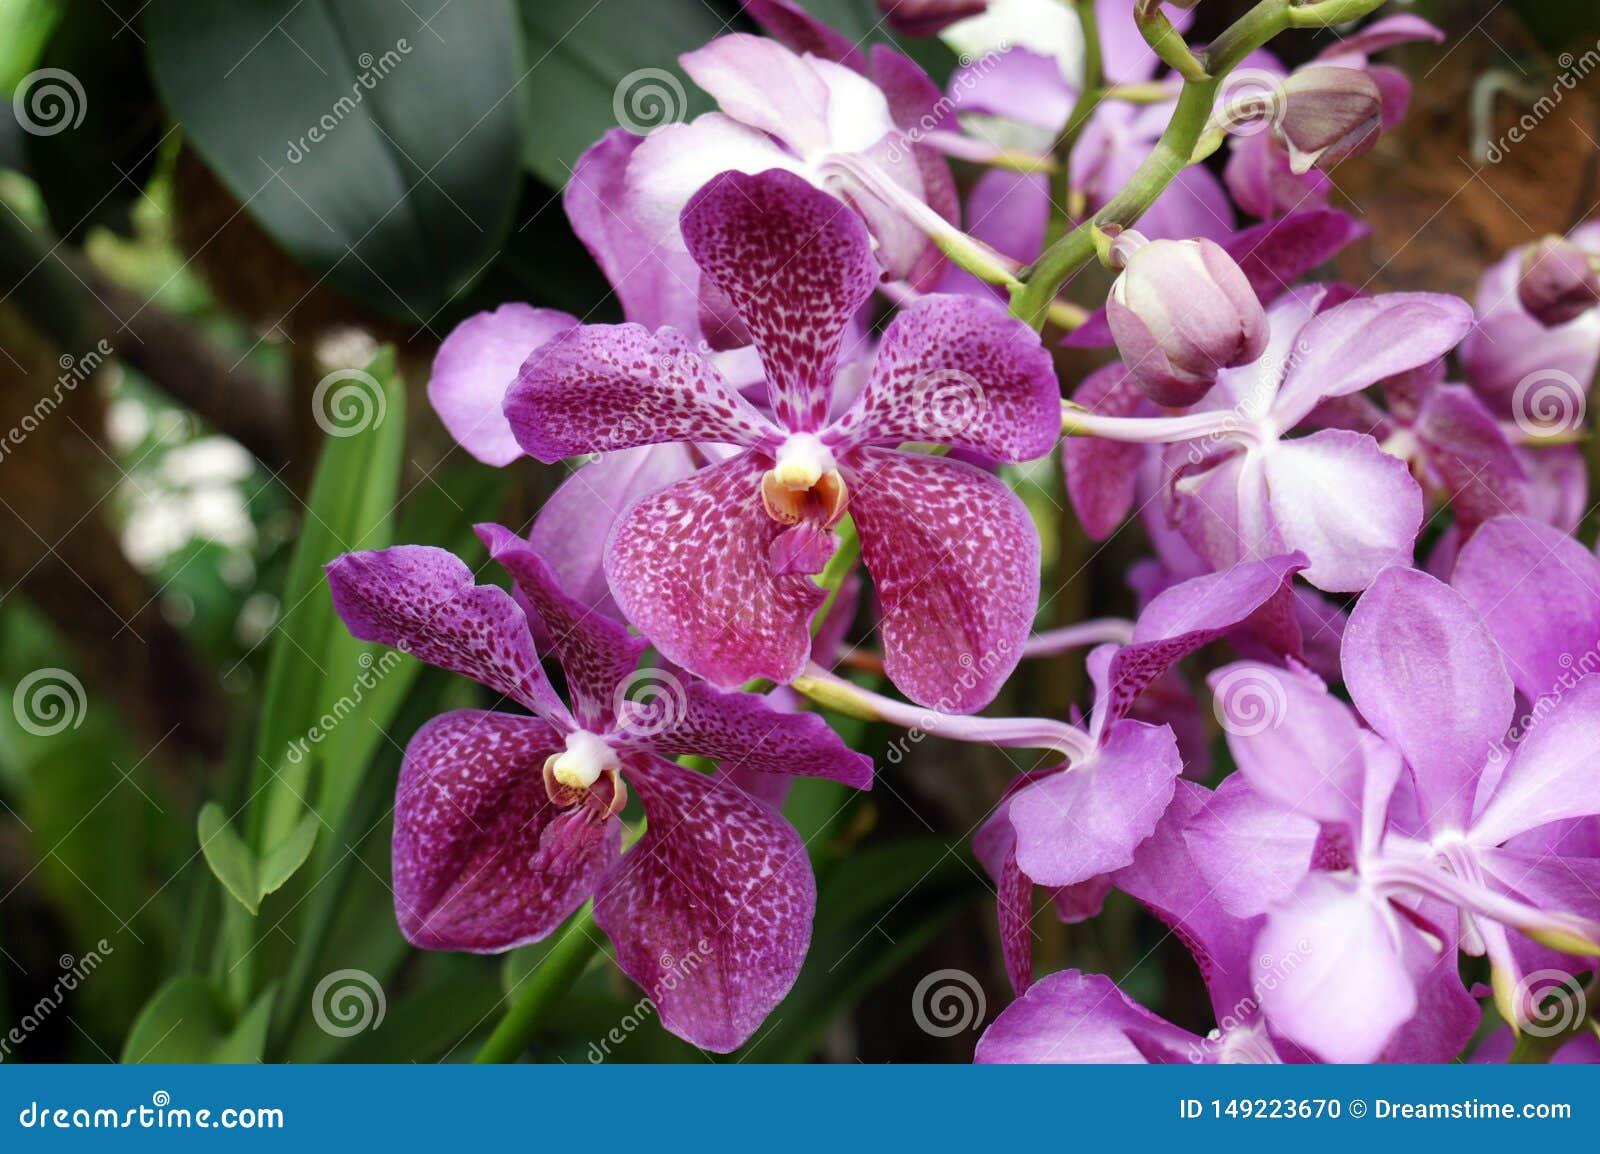 紫色老虎巴厘岛兰花